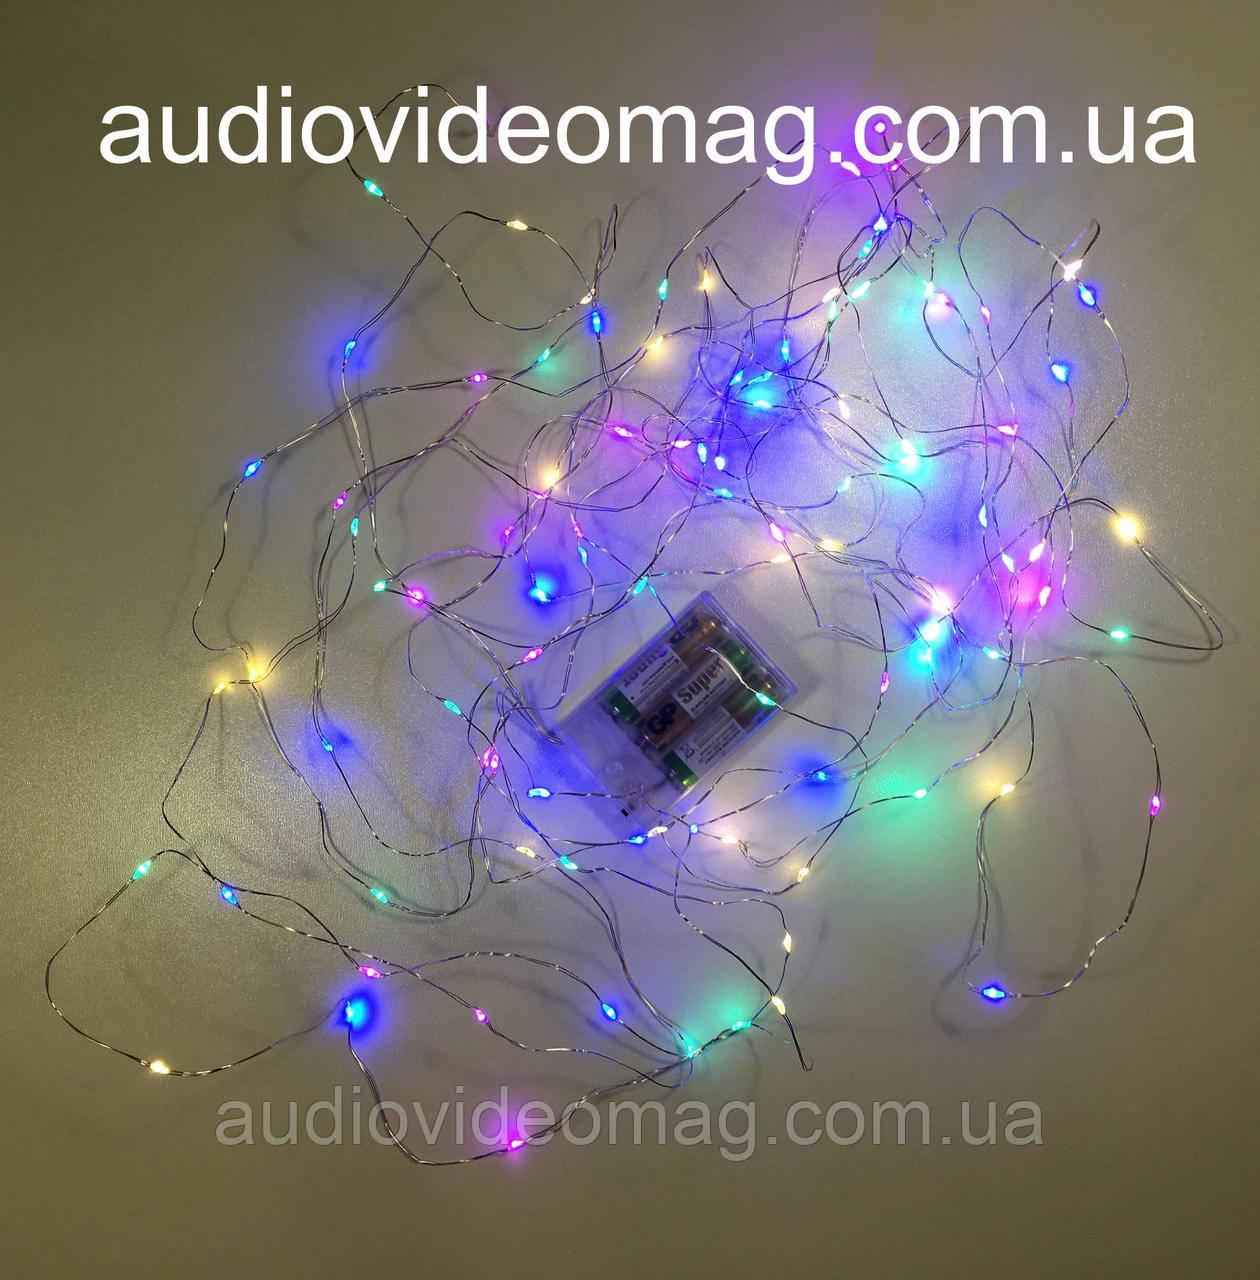 Гірлянда для декору на батарейках, 4 кольори, 5 метрів, 50 світлодіодів